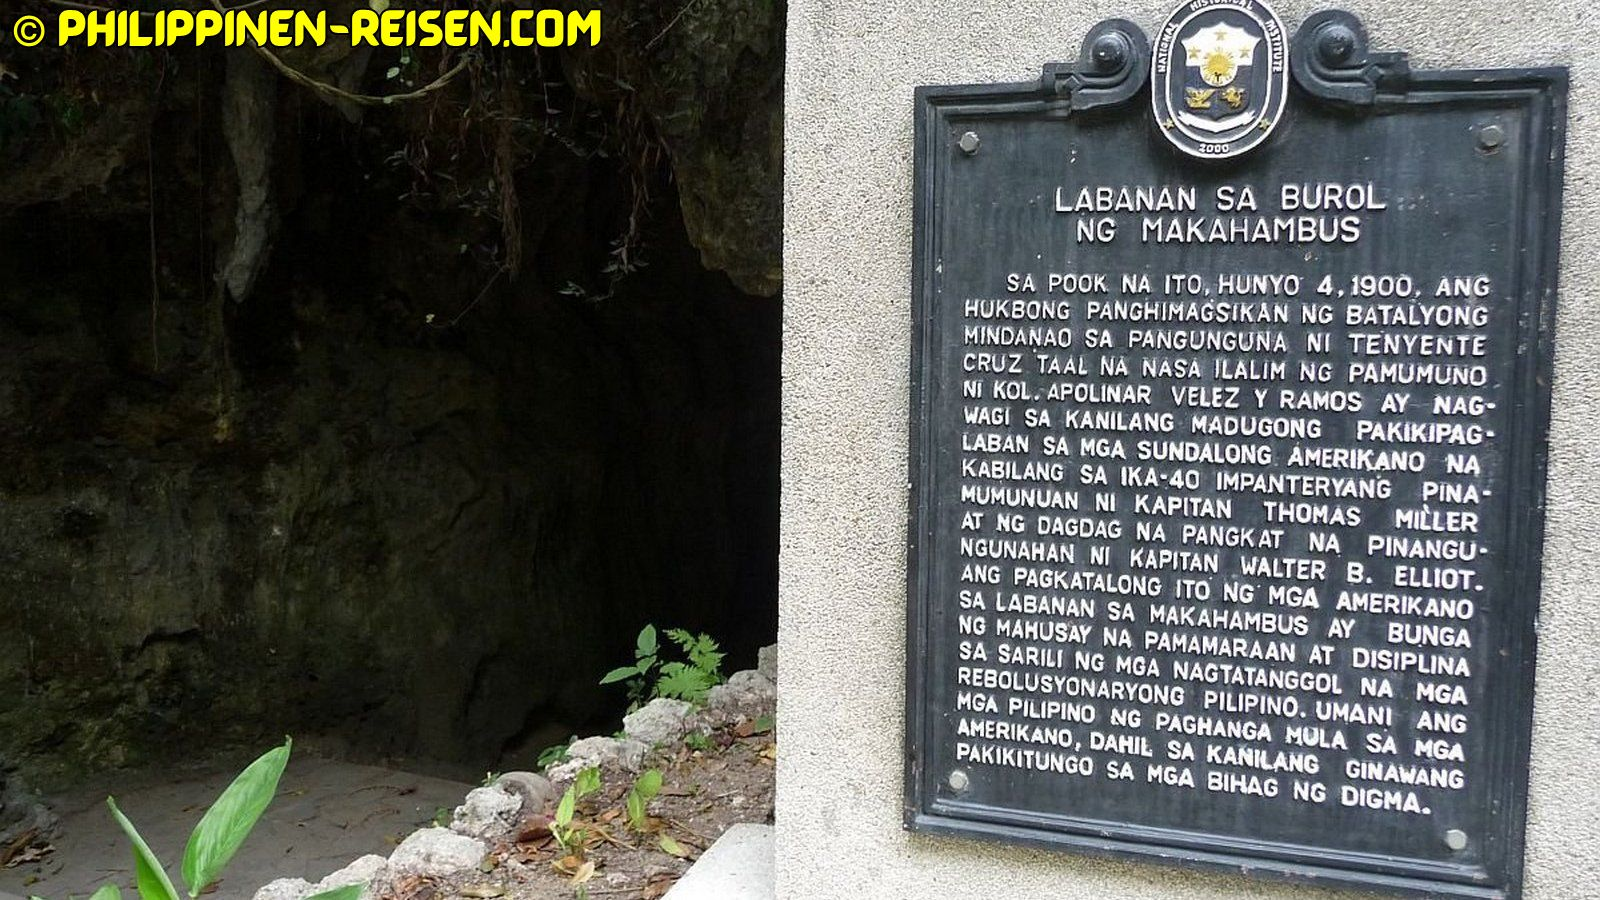 PHILIPPINEN REISEN - REISEBERICHTE - Unterwegs nach Besigan